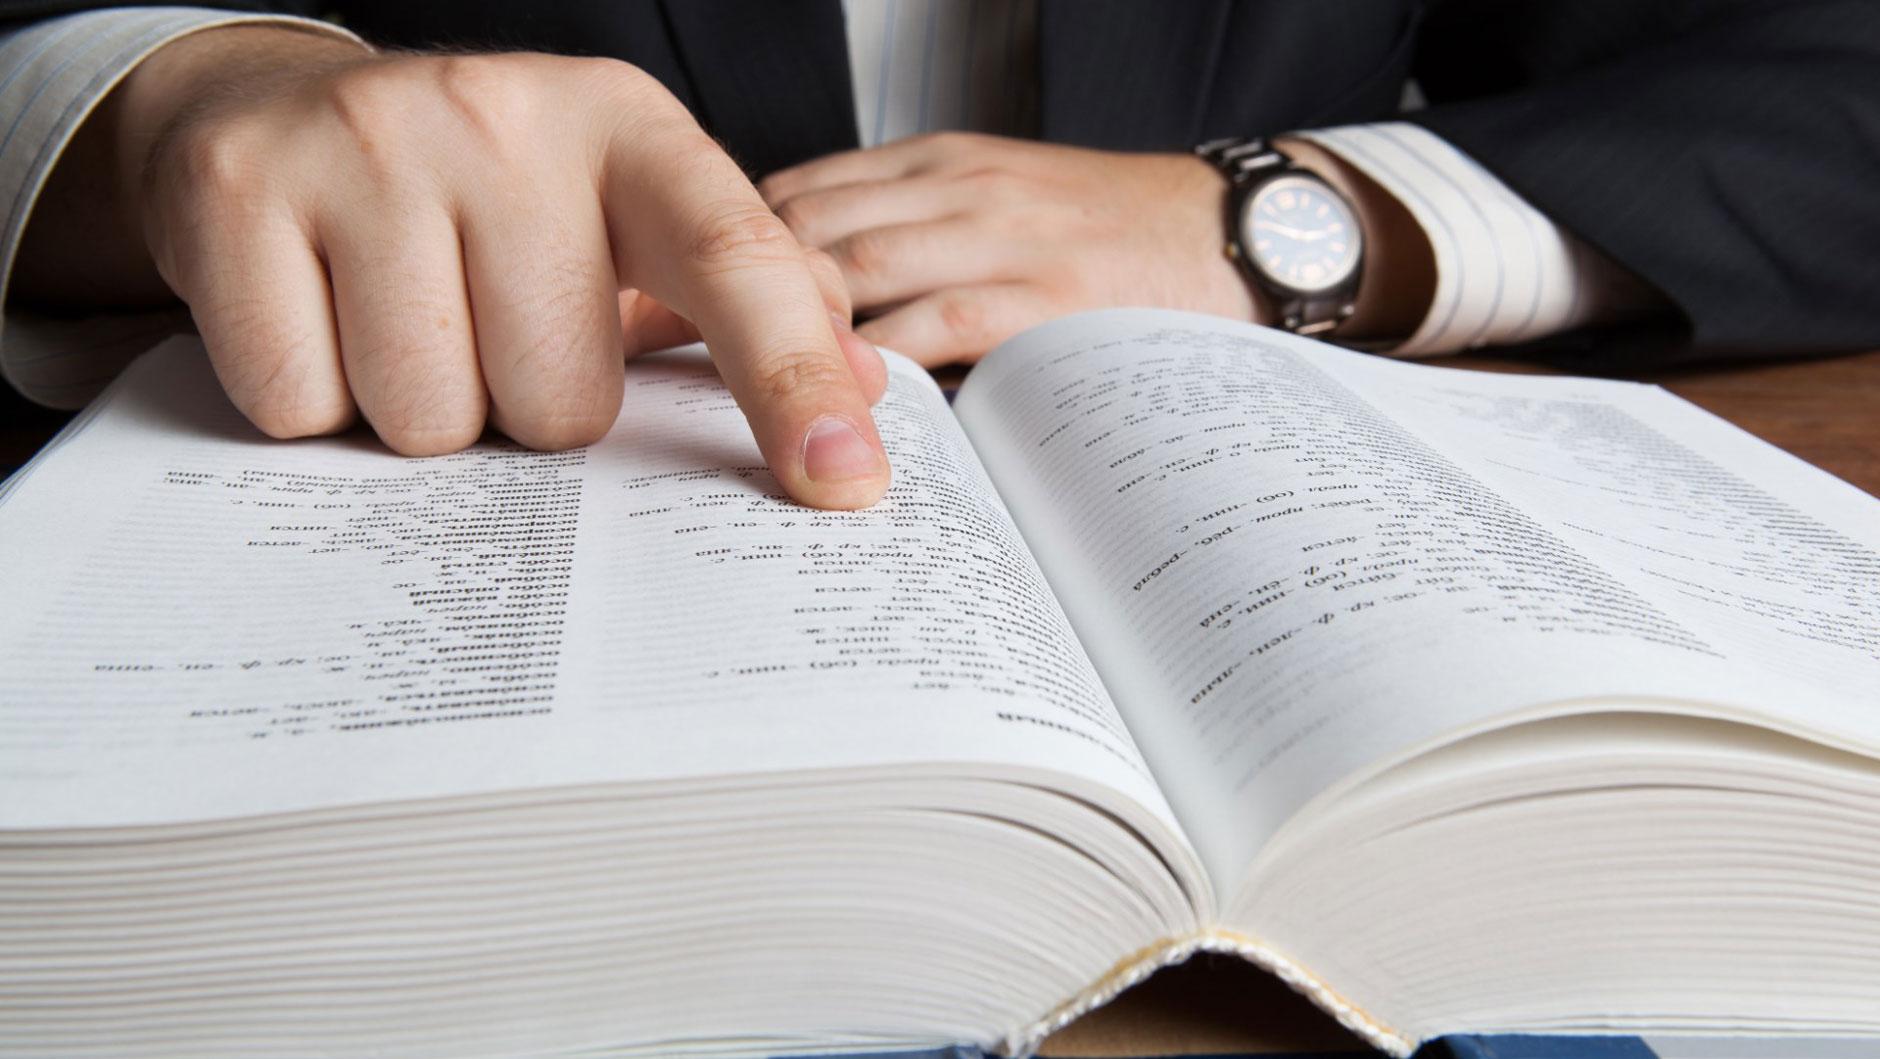 Типичные ошибки при изучении английского